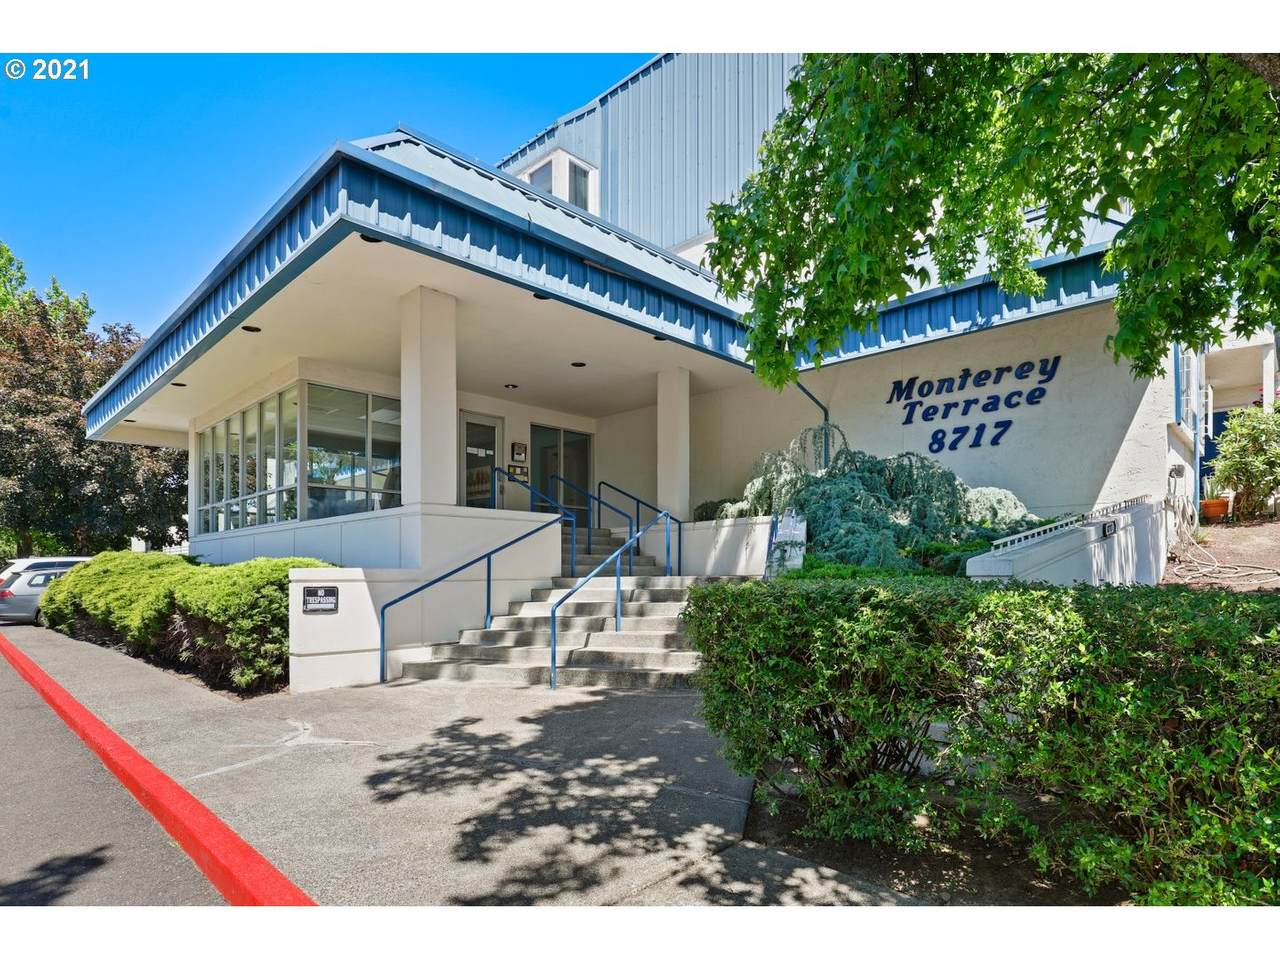 8717 Monterey Ave - Photo 1